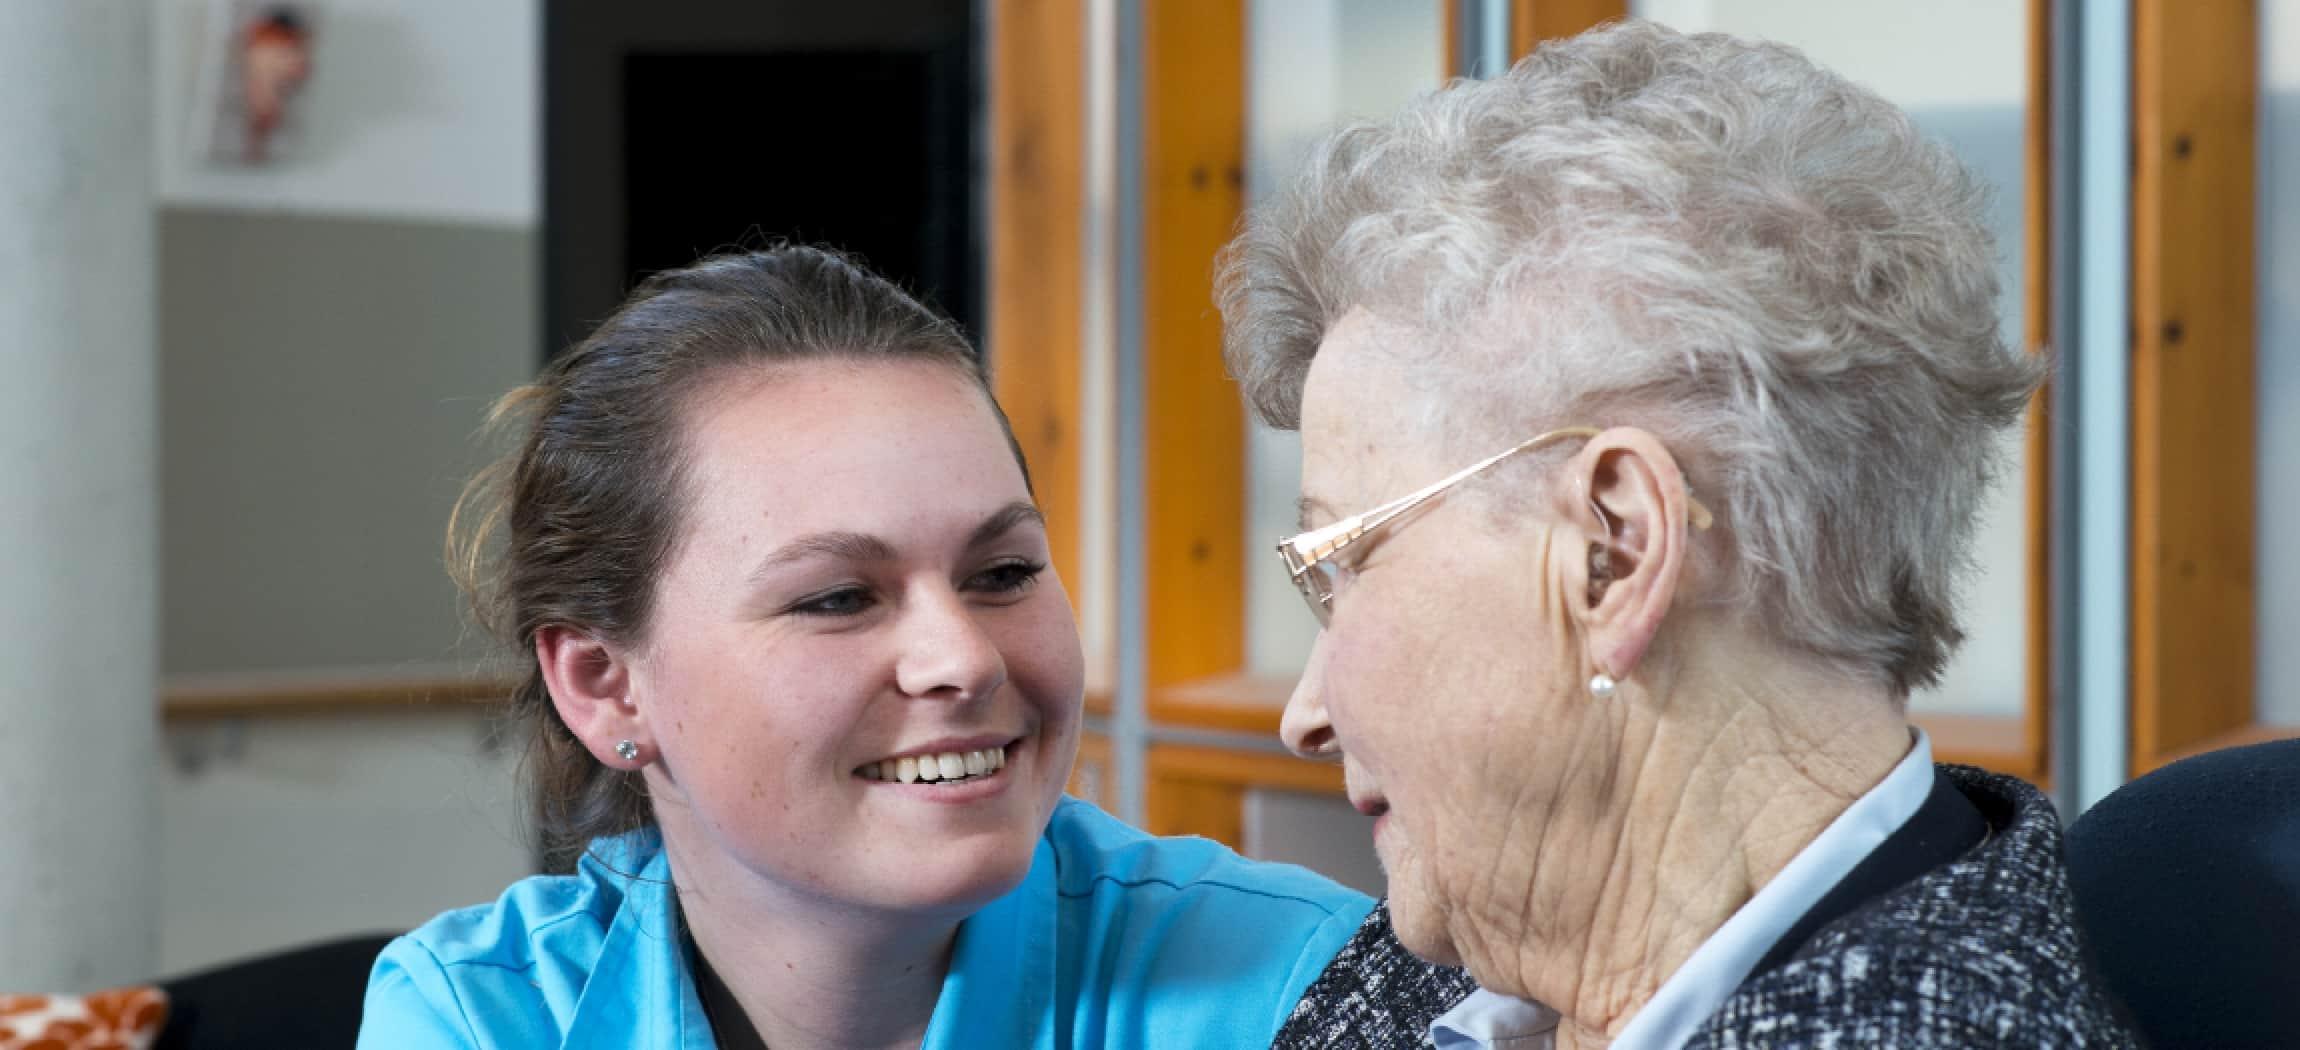 Ouderenzorg: zorgmedewerker en oude vrouw